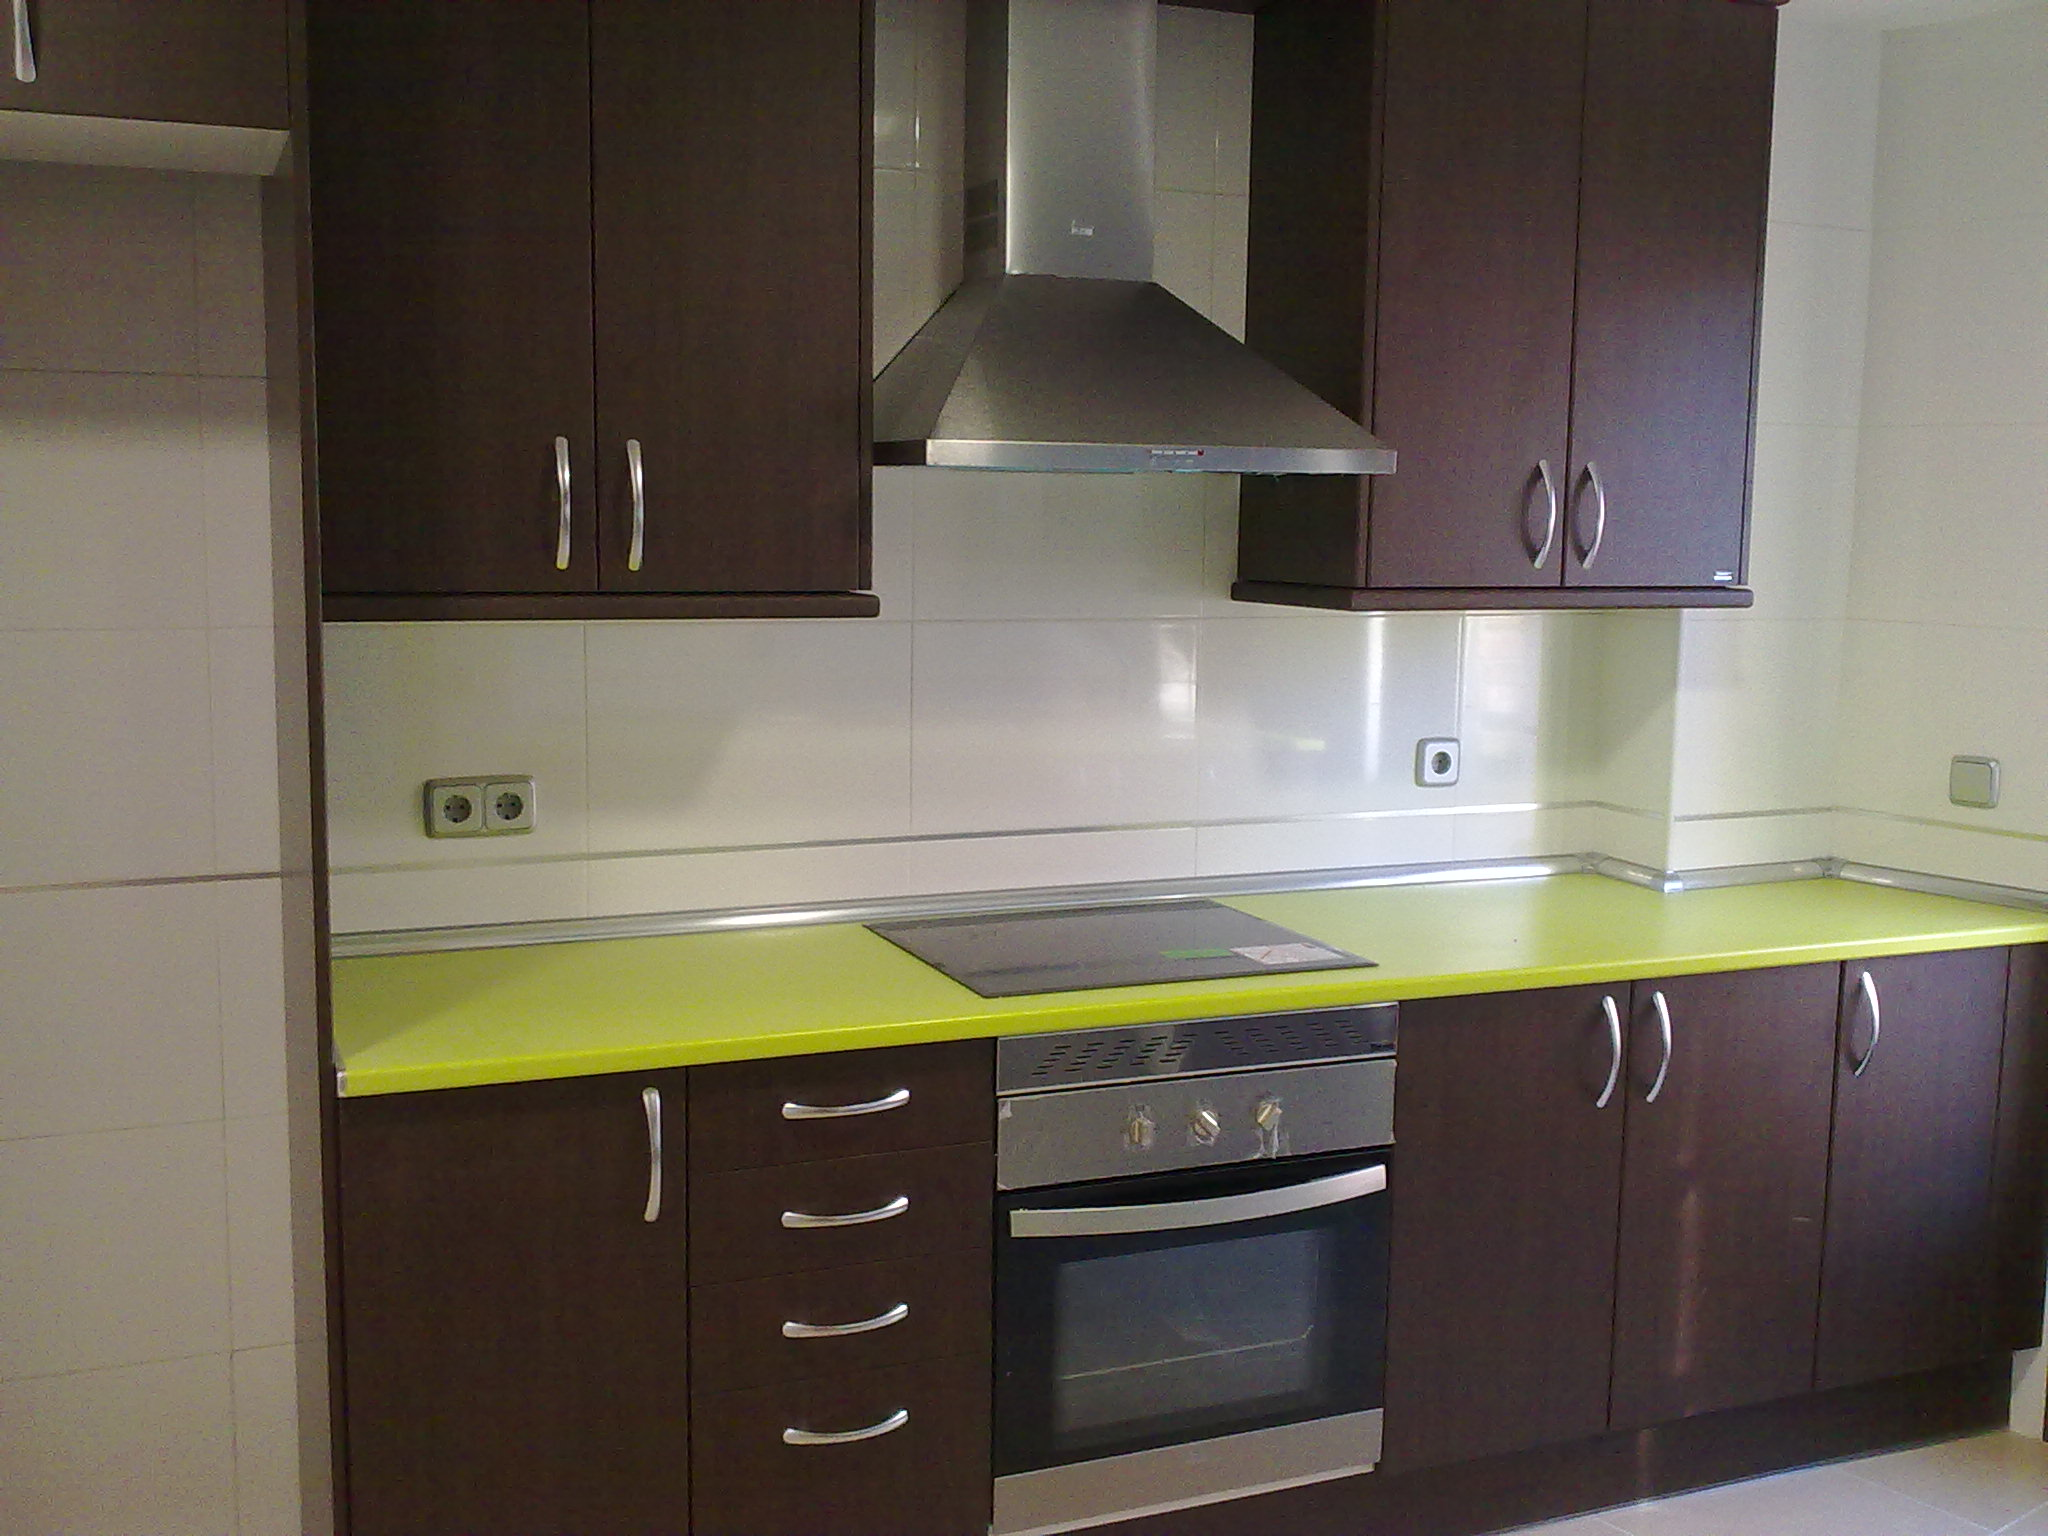 Muebles valdecocina muebles de cocina - Formica para cocinas ...